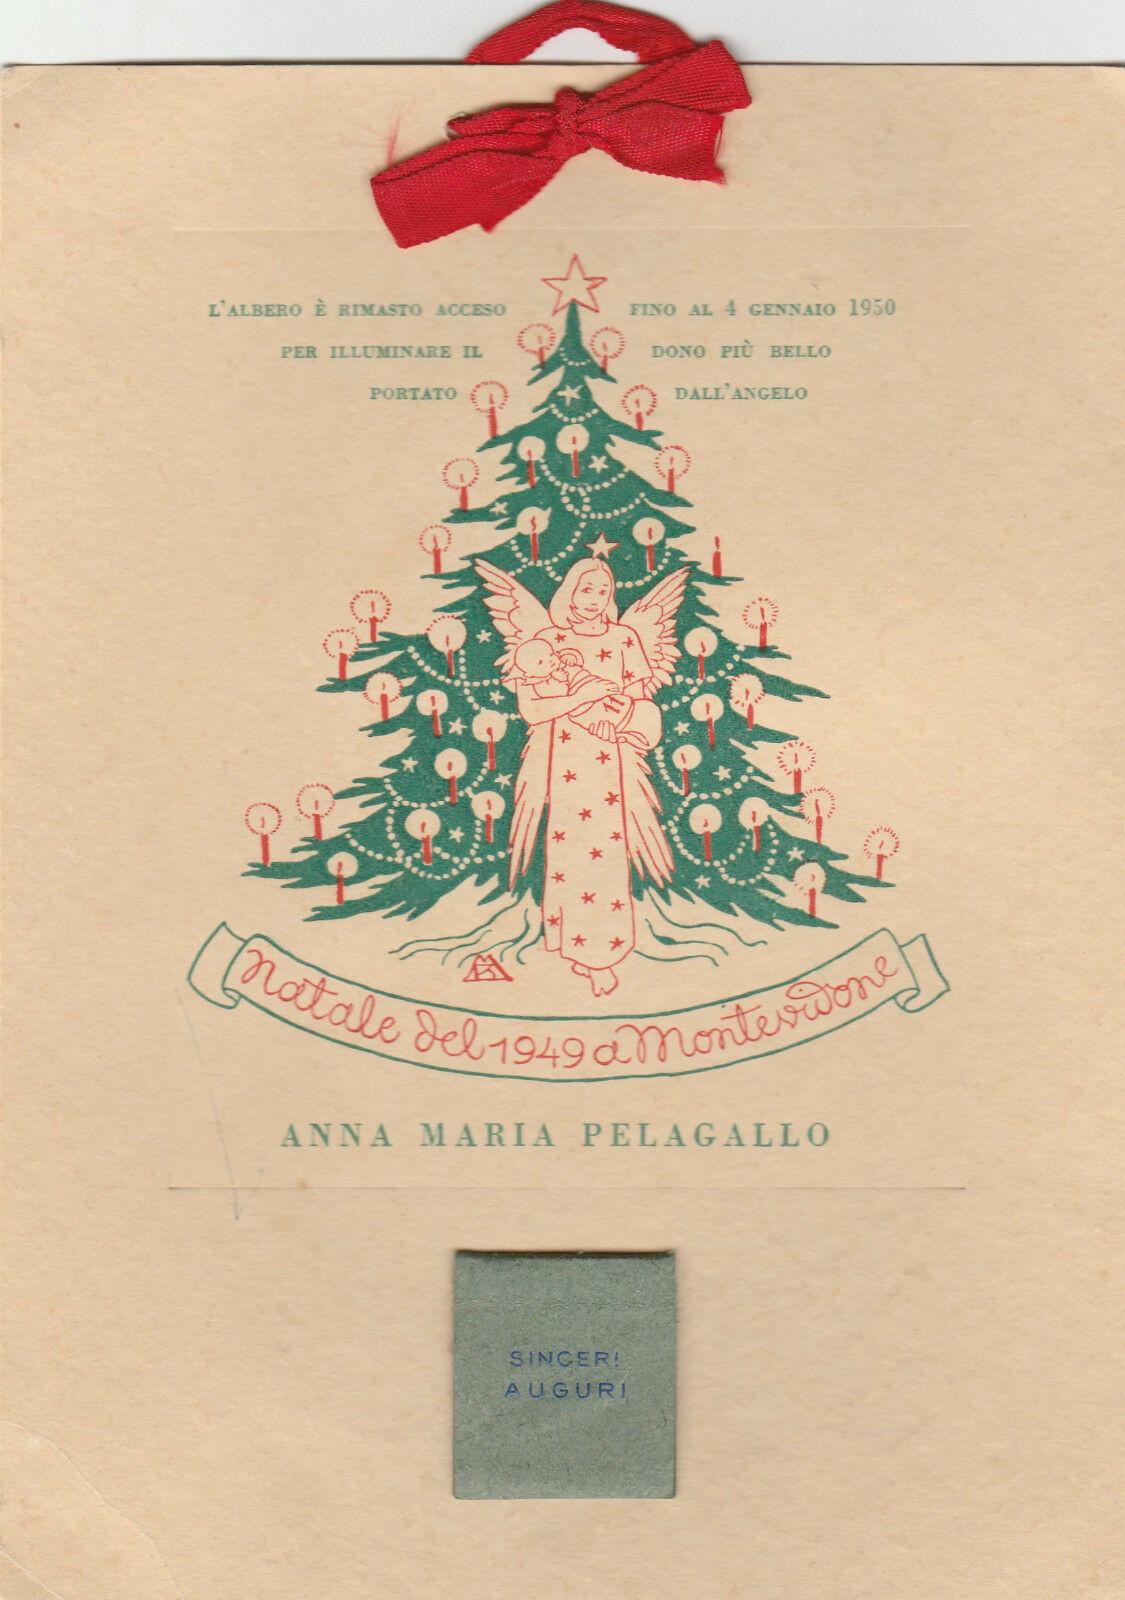 Calendario 1950.Biglietto Auguri Natale 1949 E Calendario 1950 L4178